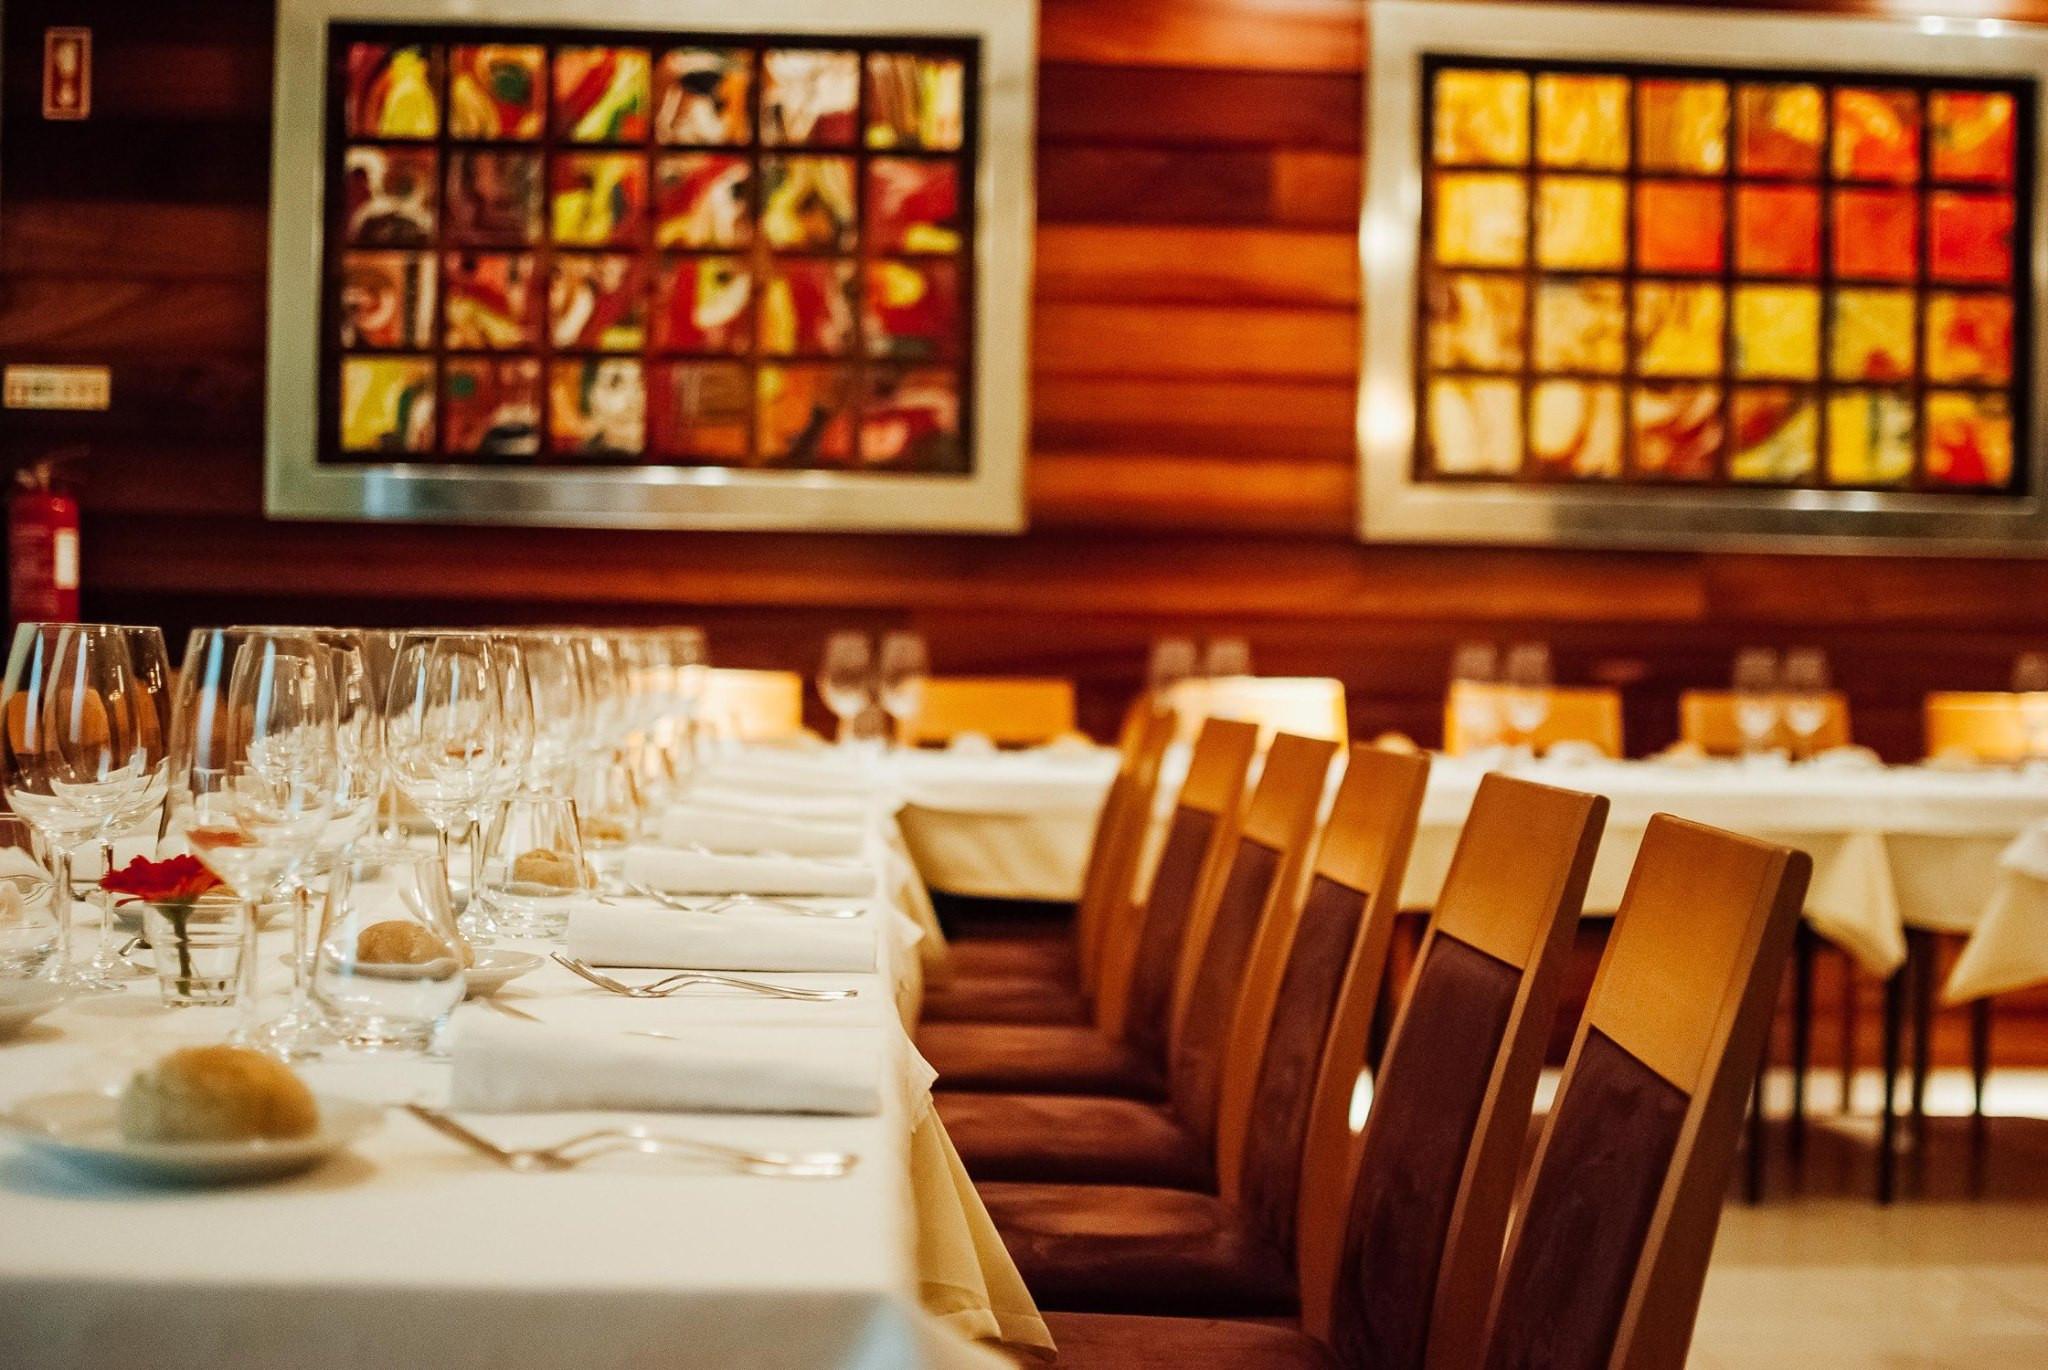 restaurante nacional 147650_o.jpg